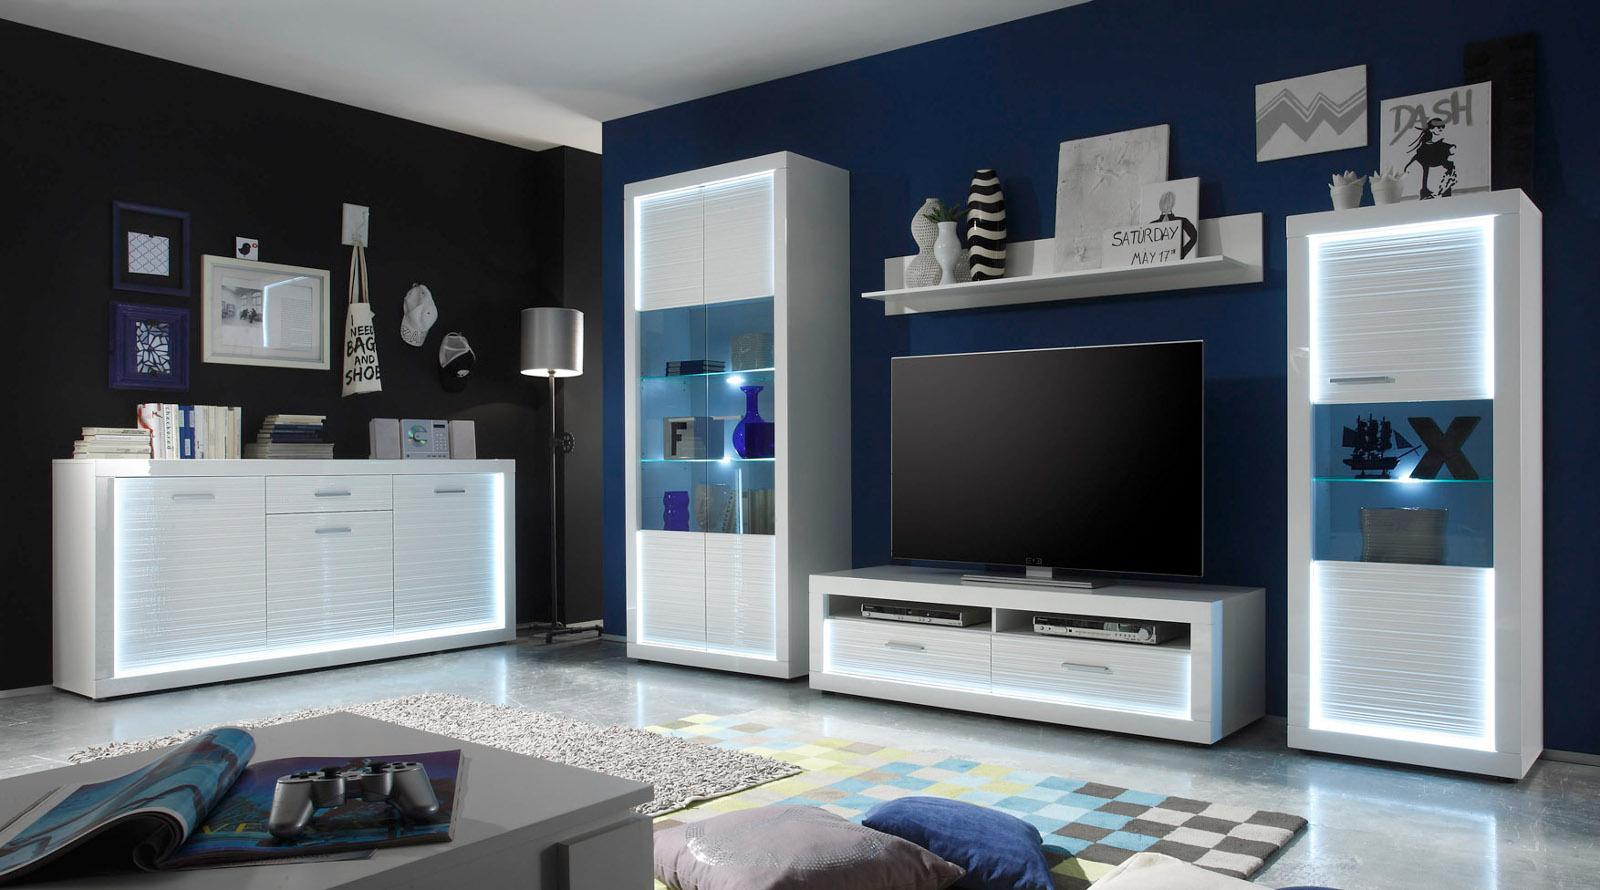 Wohnwand weiß hochglanz mit holz  Wohnwand weiß Hochglanz Rillenoptik mit LED